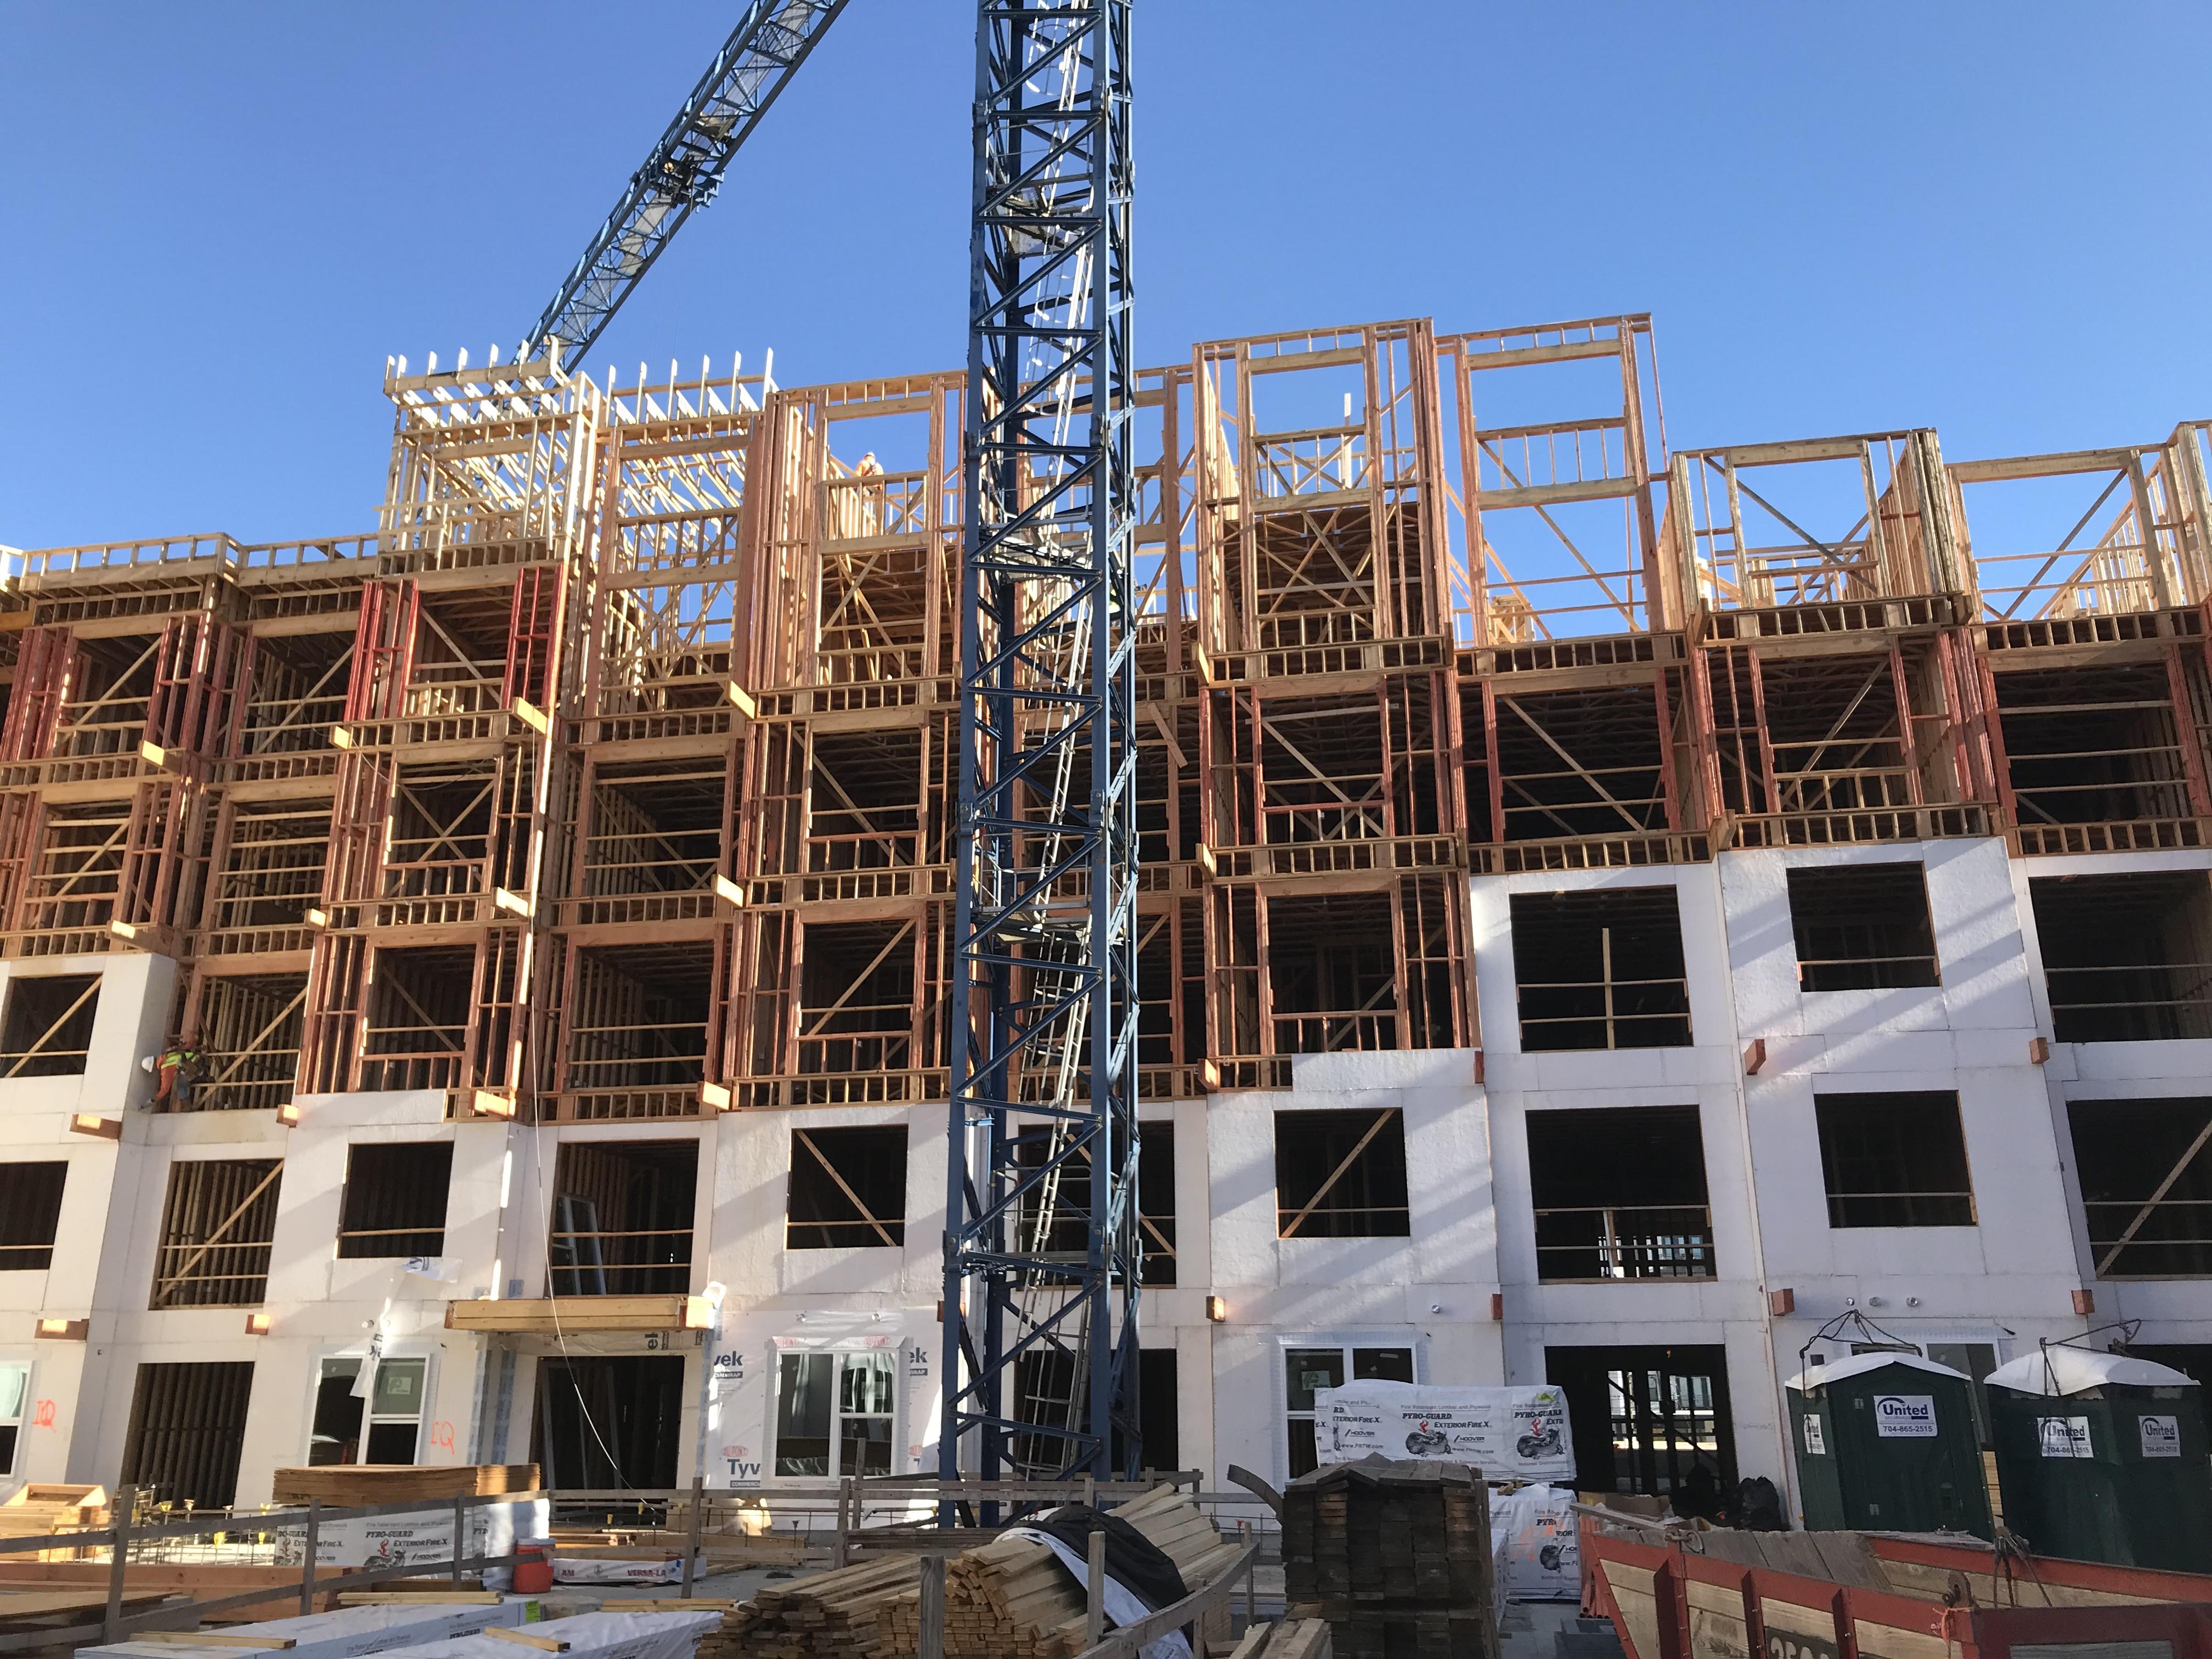 Bainbridge Apartments Construction s